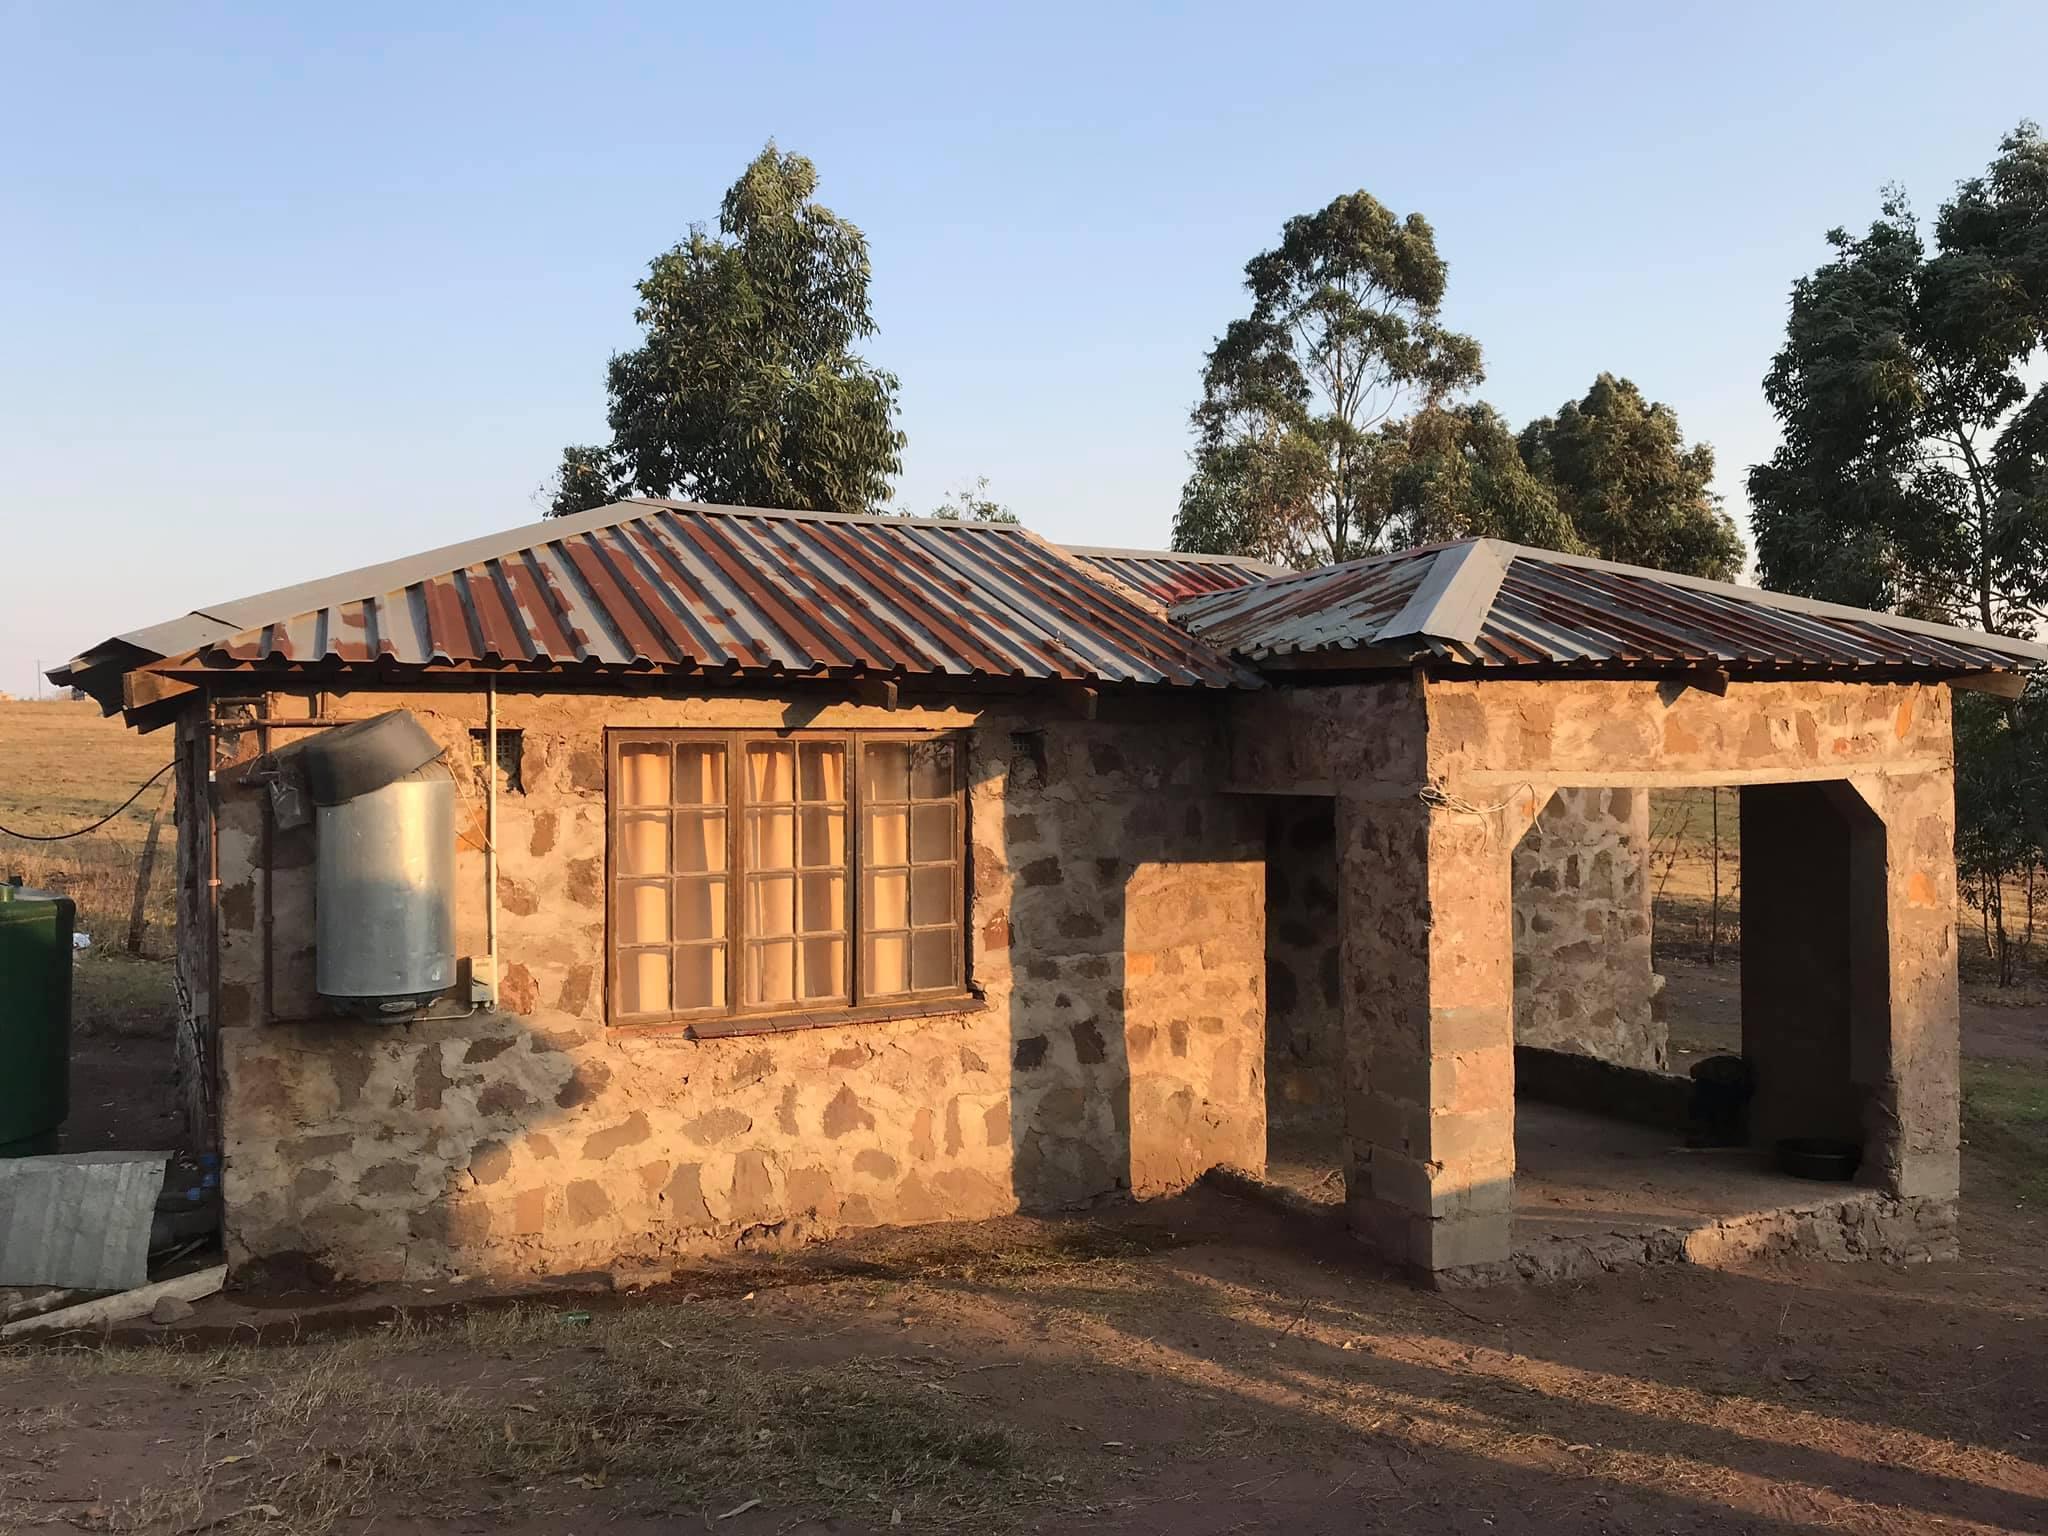 Khuzwayo House